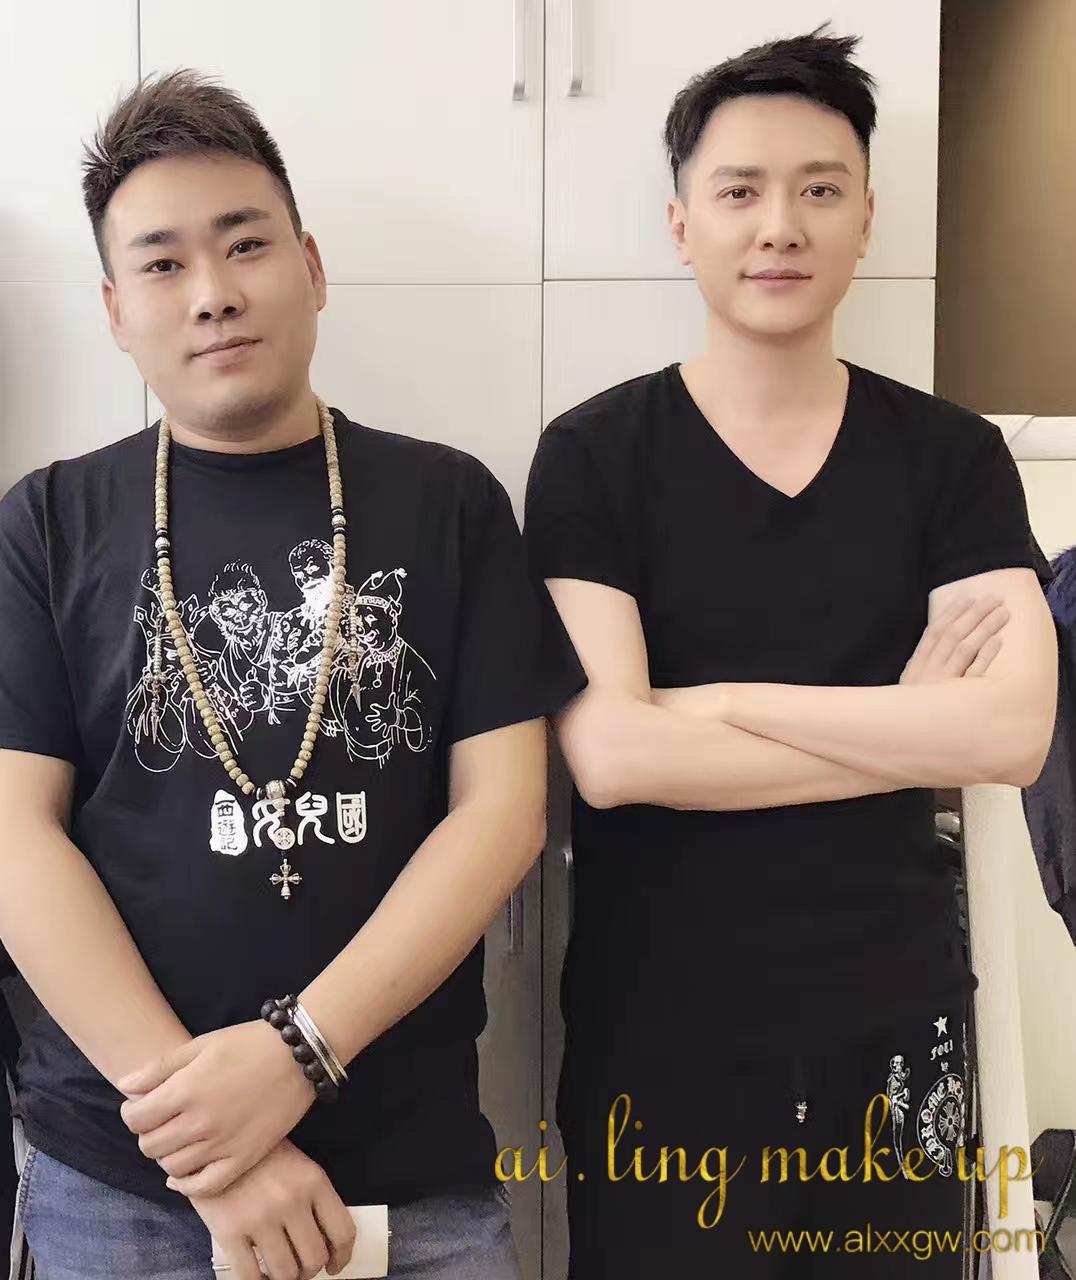 我们与冯绍峰